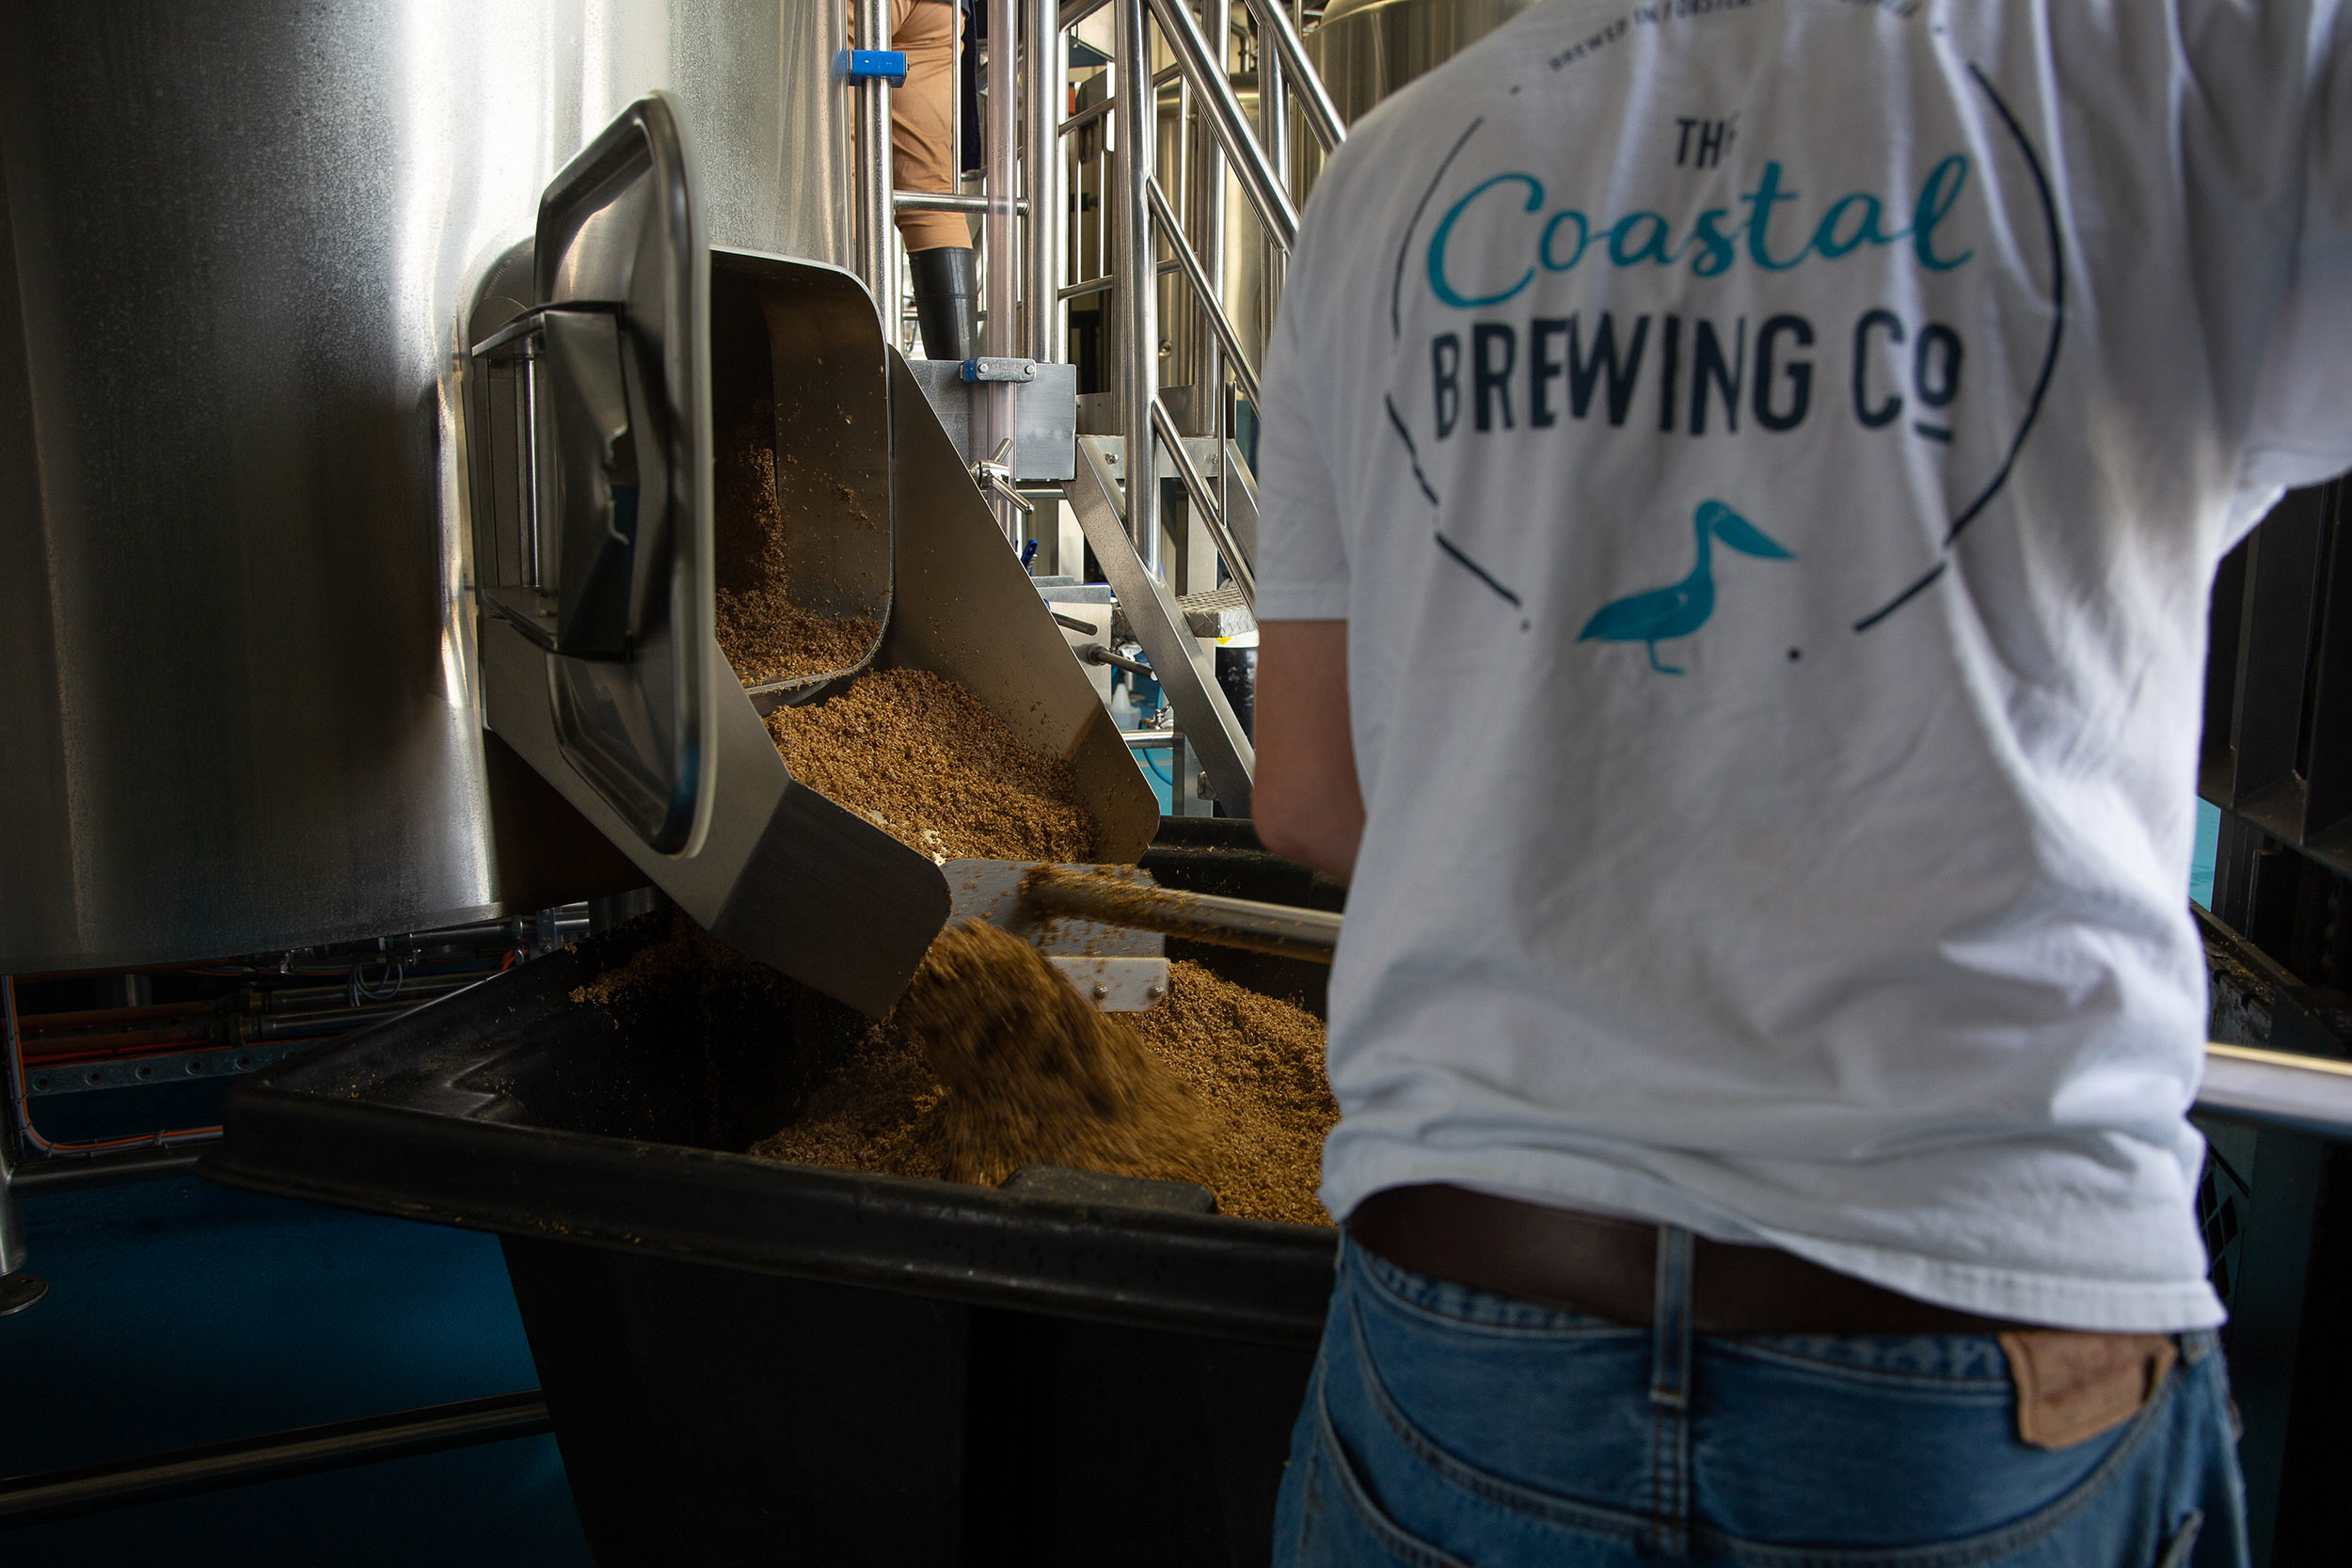 glft-coastal-brewing-organic-ingredients.jpg